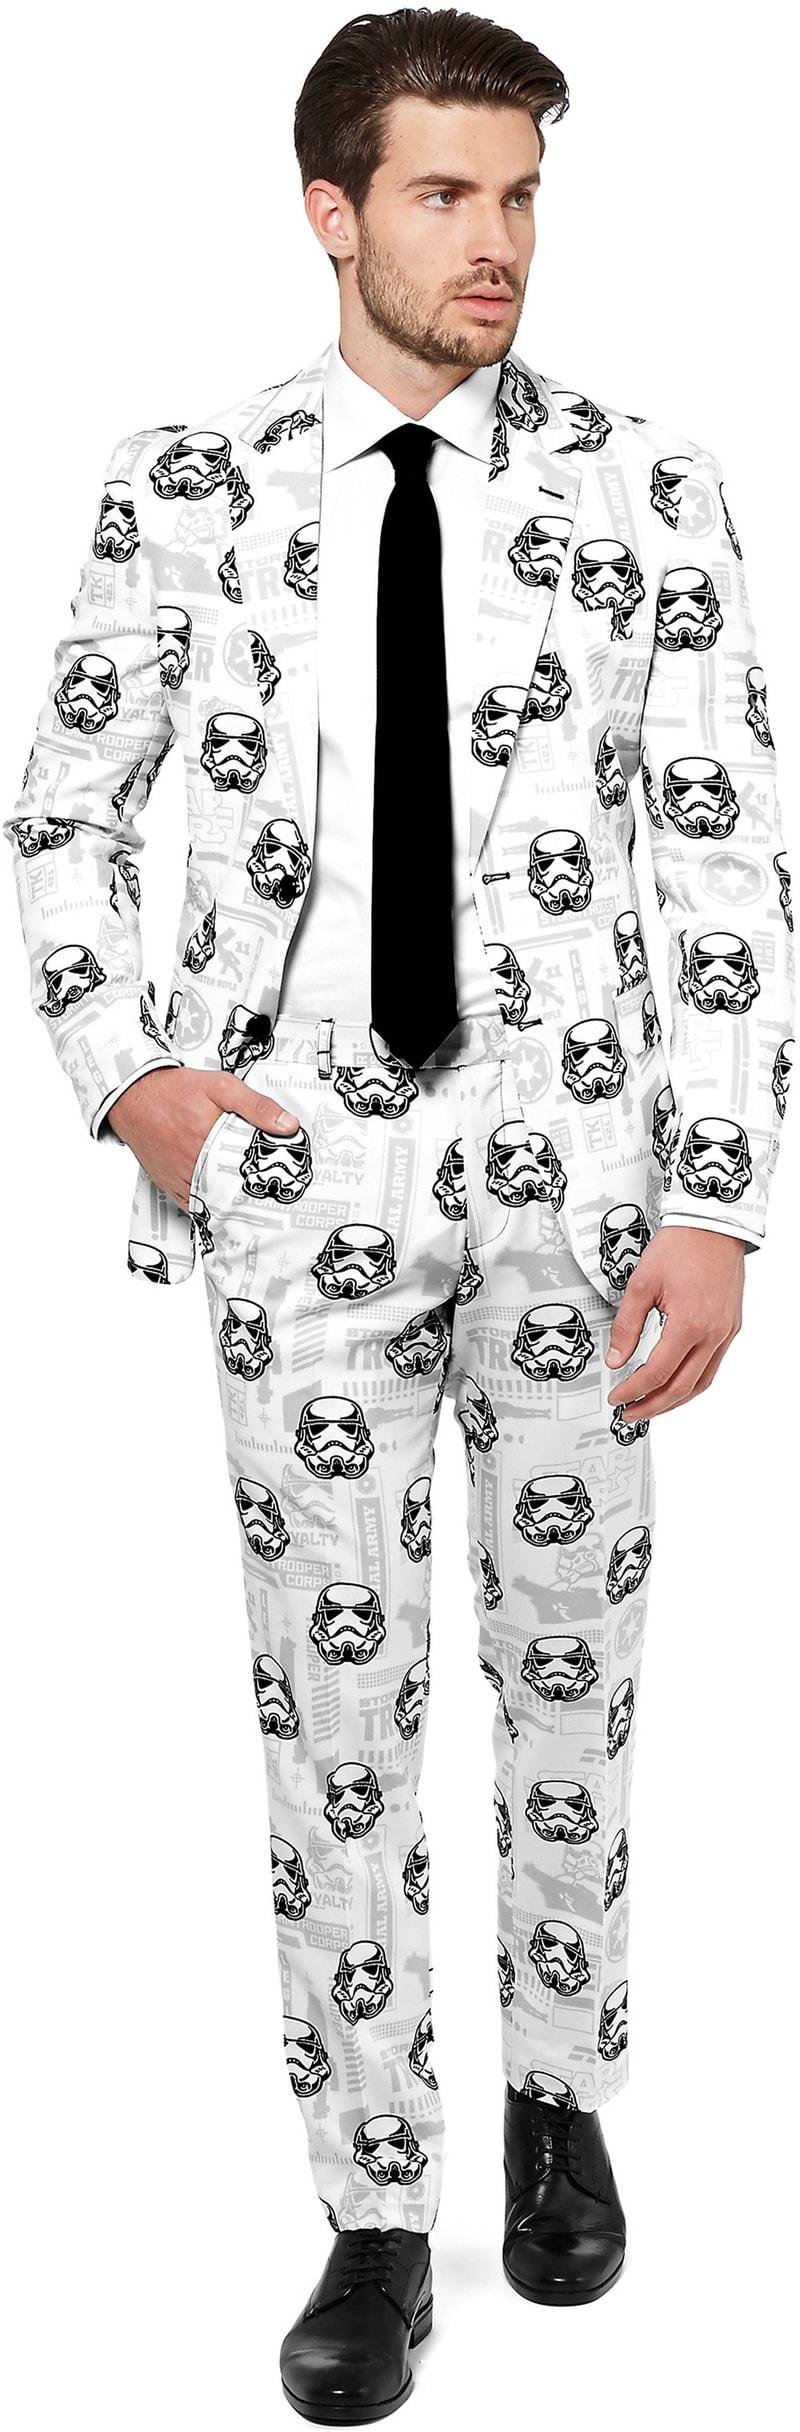 OppoSuits Stormtrooper Kostuum  online bestellen | Suitable